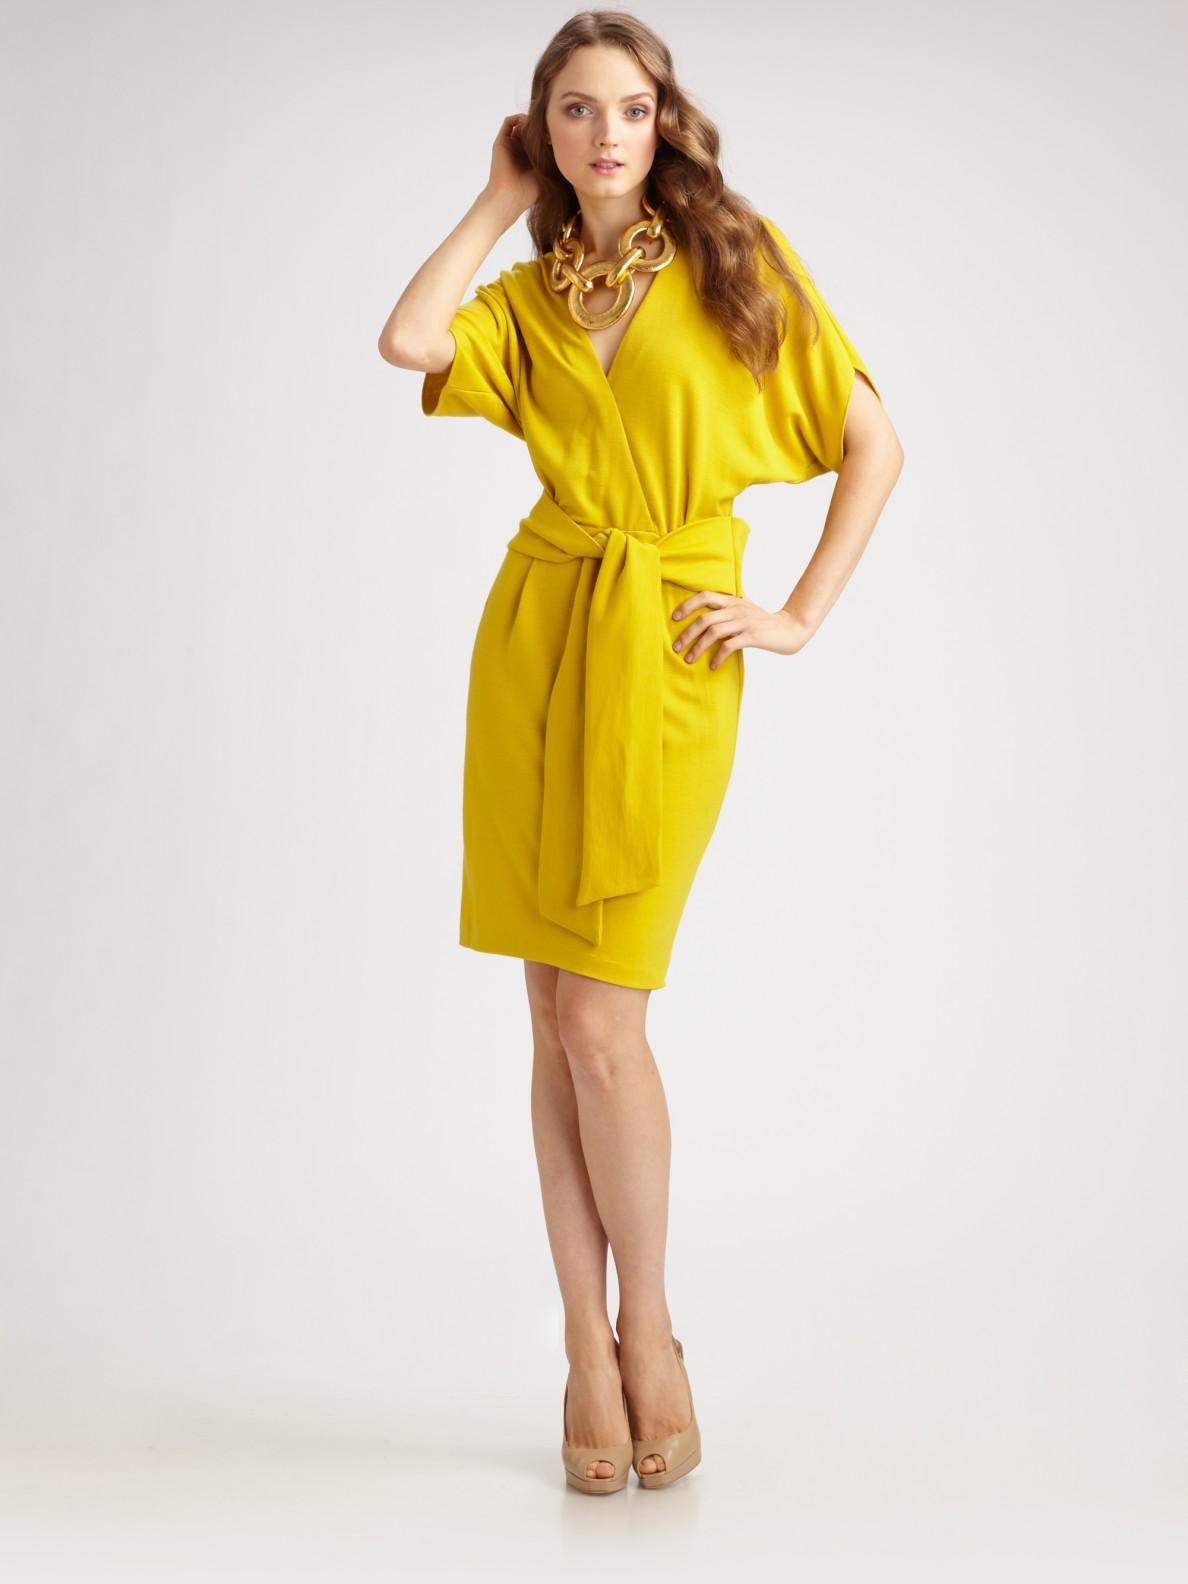 Josie Natori Jasmine Wool Jersey Belted Dress In Yellow